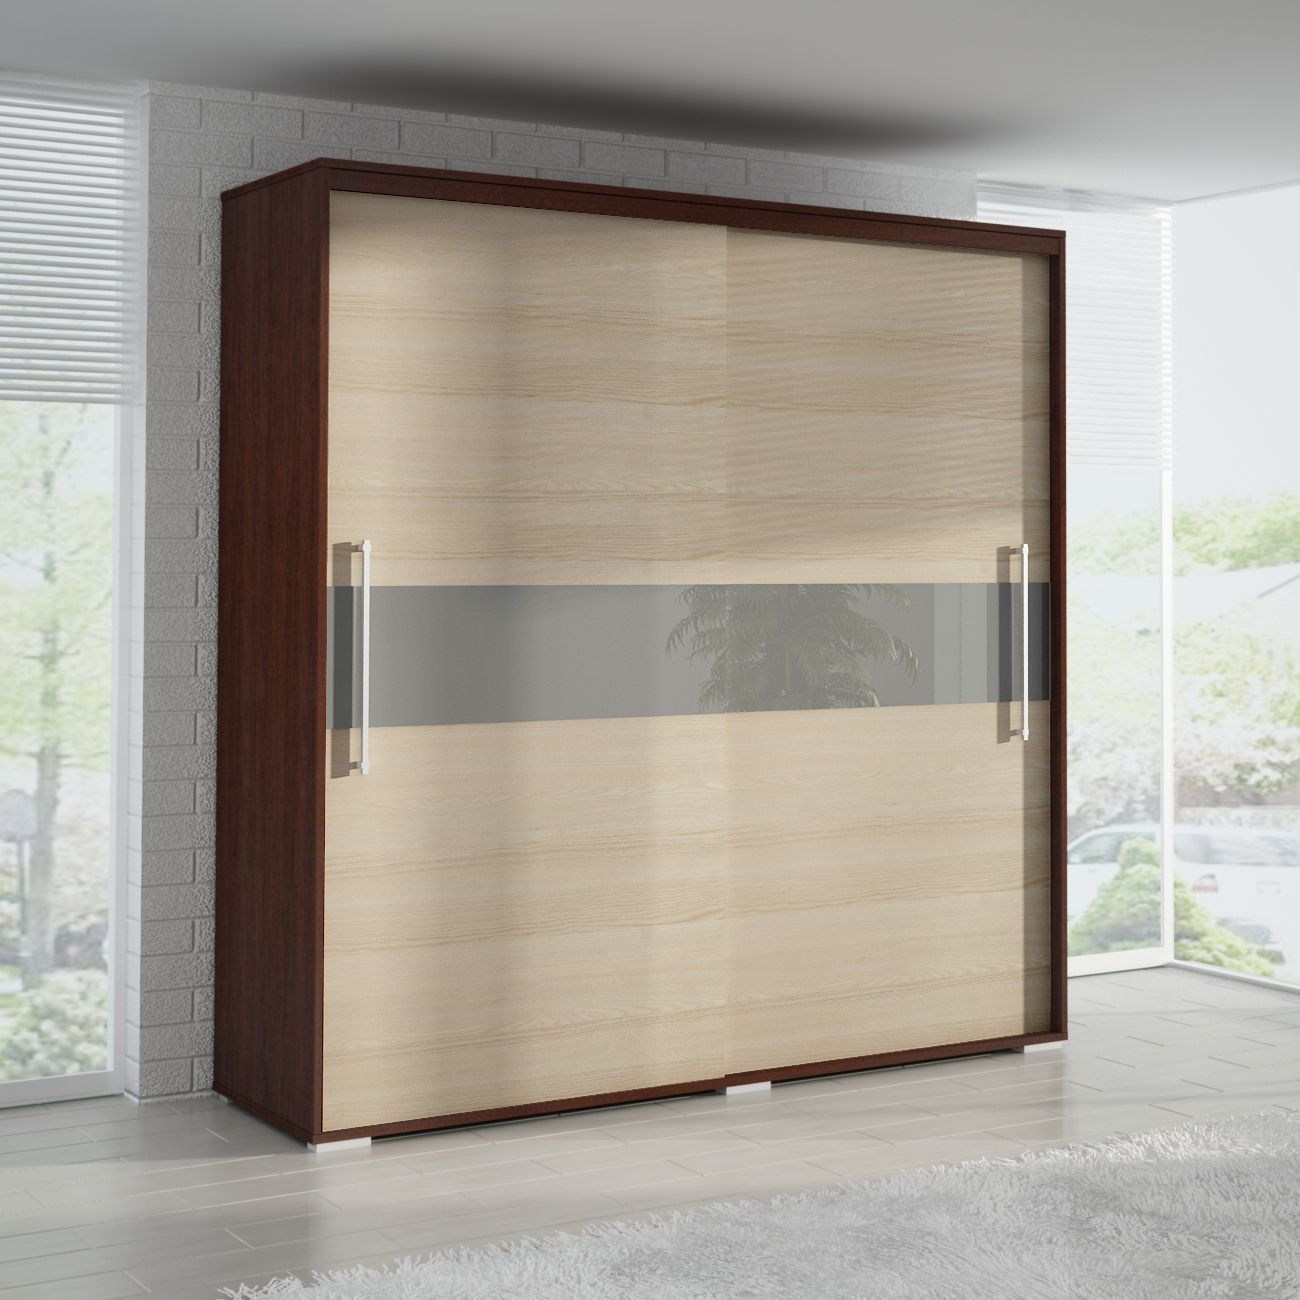 Wardrobe Closet Sliding Door | Calegion | Master Bedroom ...